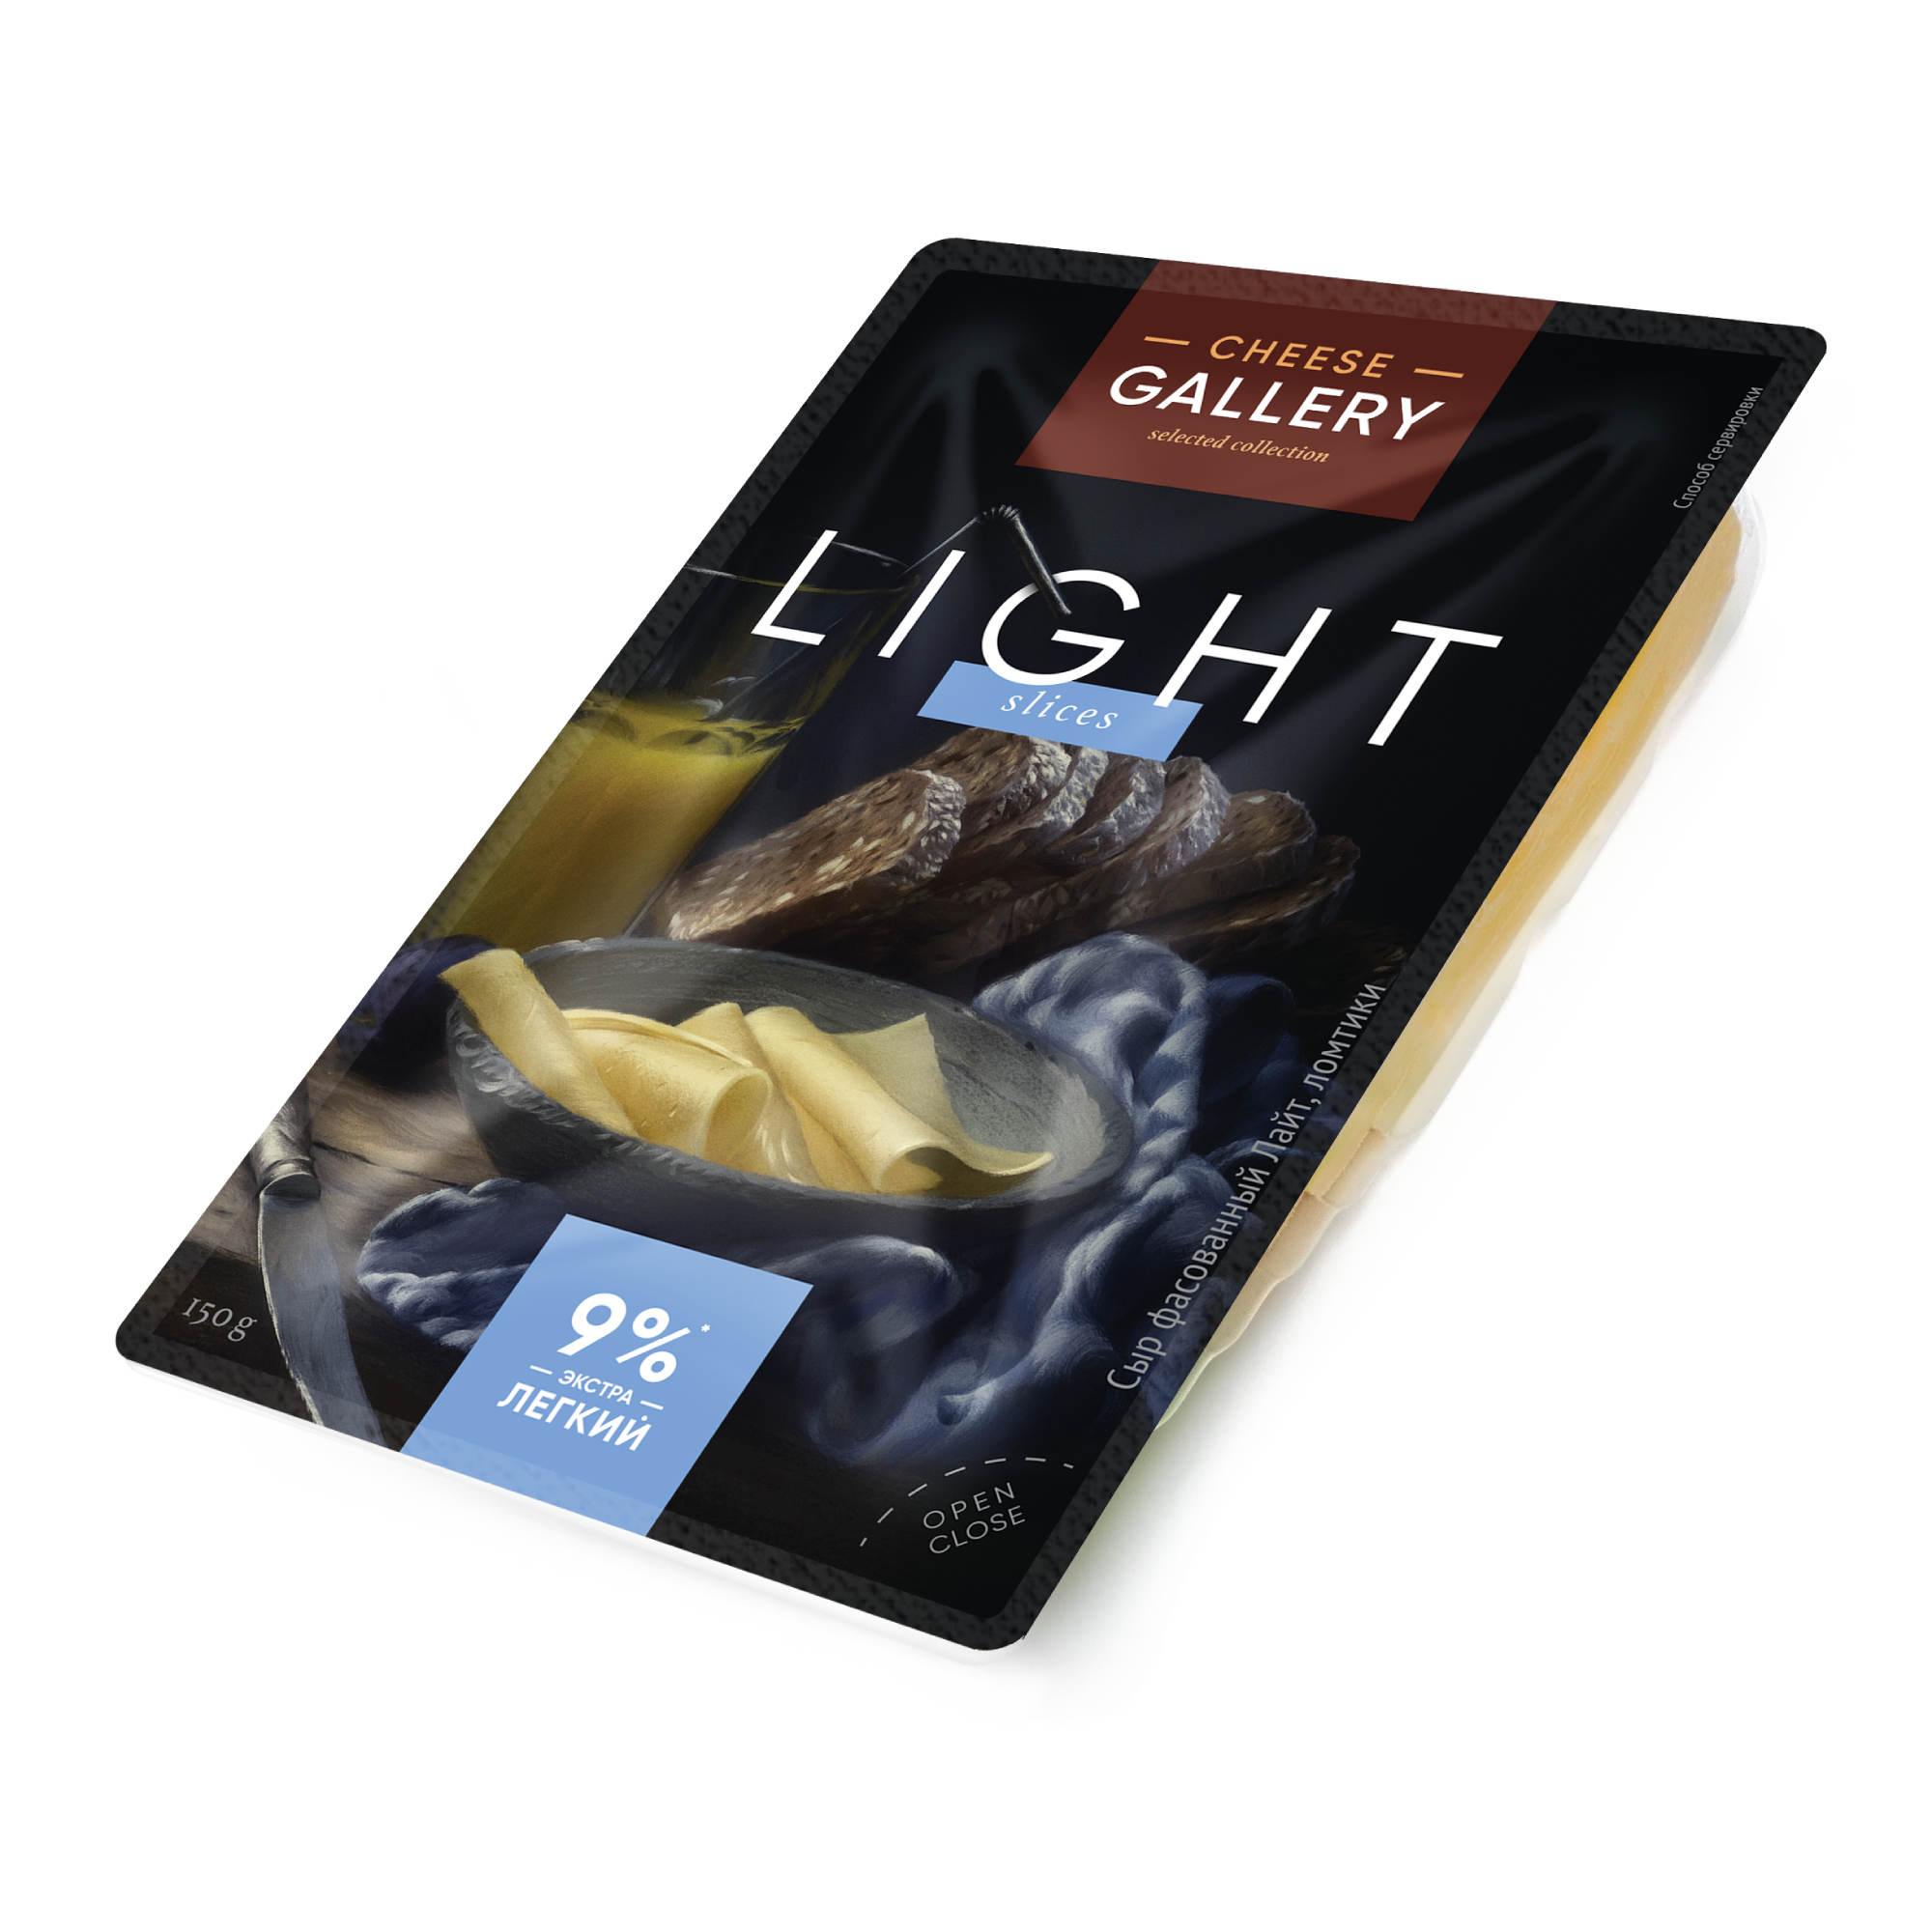 Сыр Cheese Gallery Лайт 20% 150 г cheese gallery sante blue крем сыр 150 г